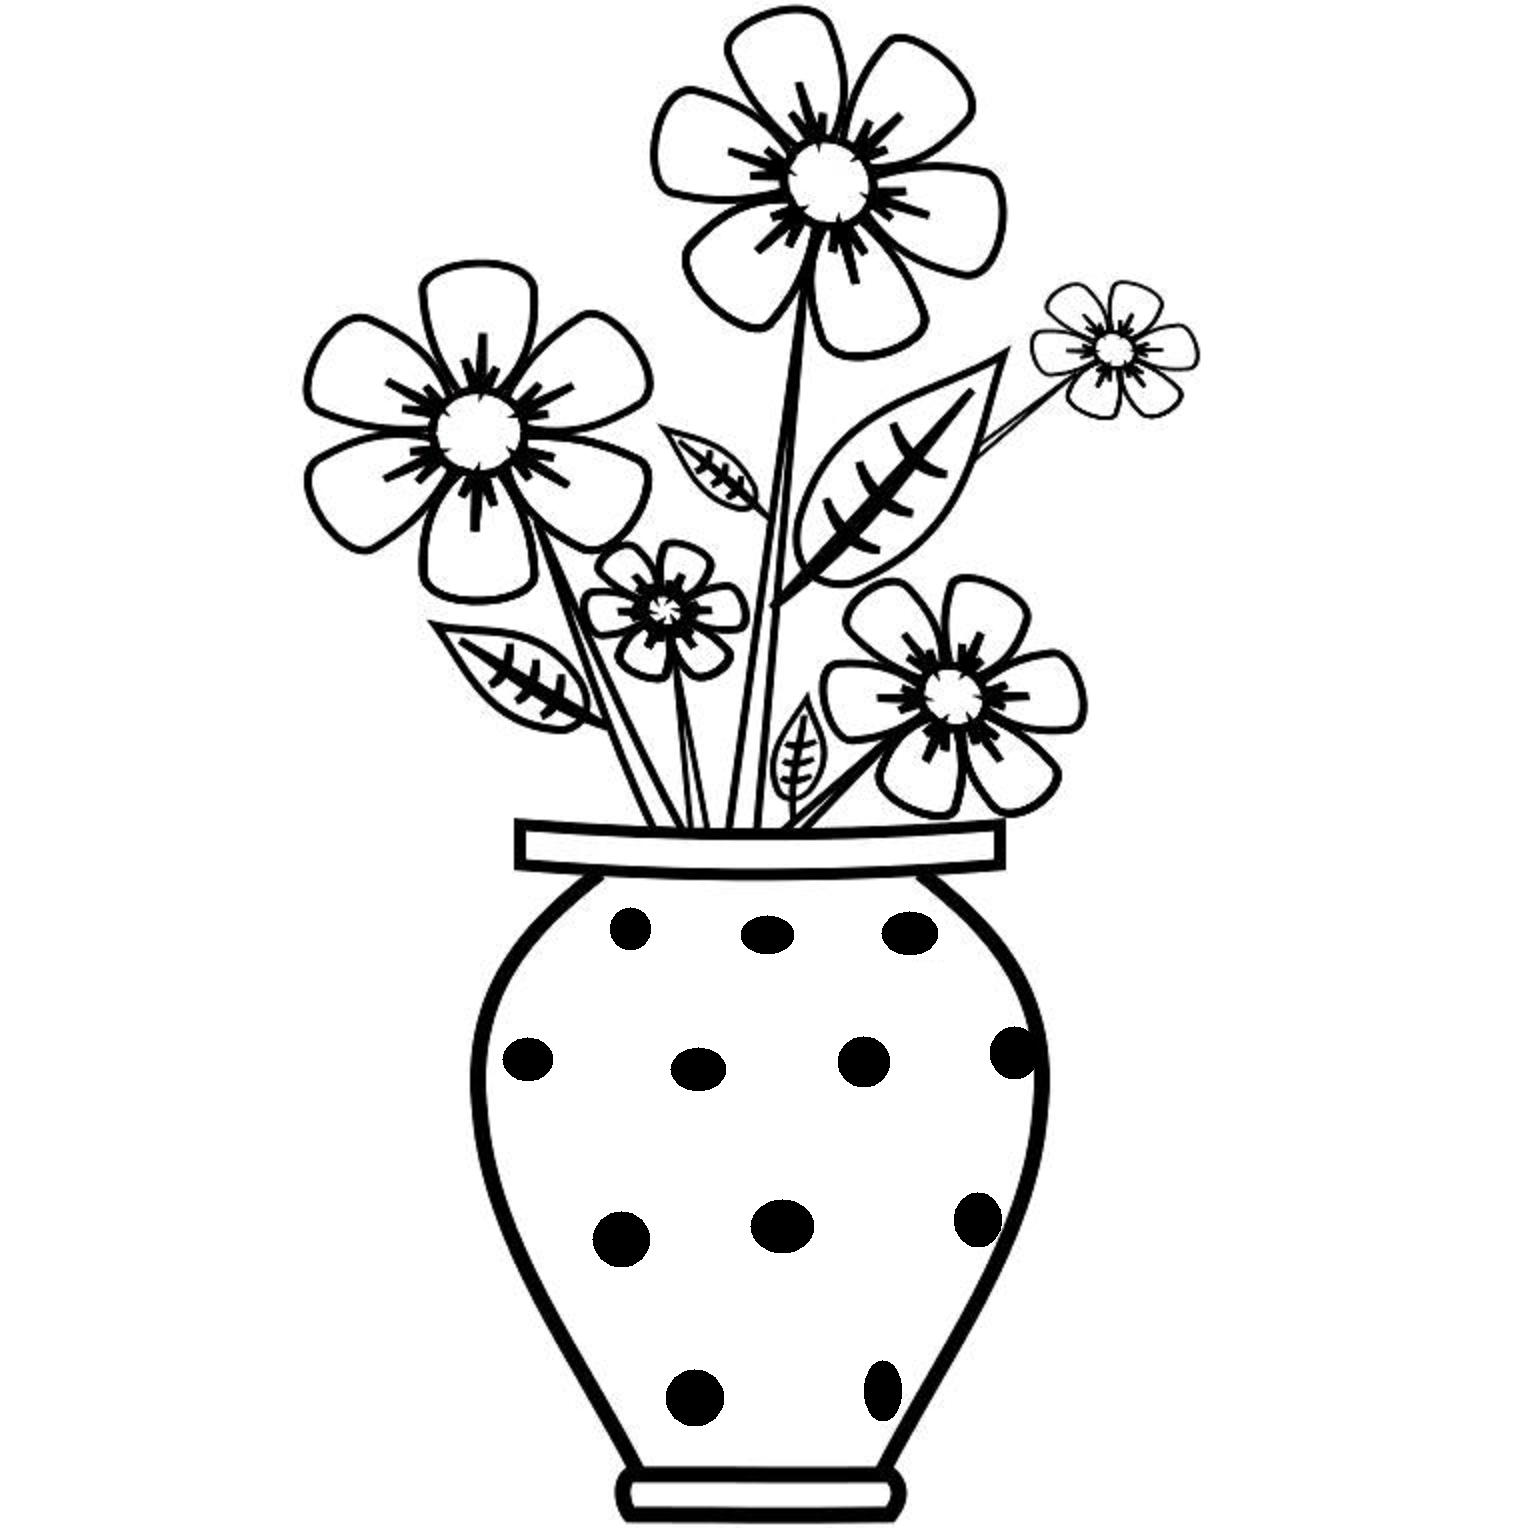 1532x1528 Flower Vase Flowers Drawings Drawing Of Flower Vase